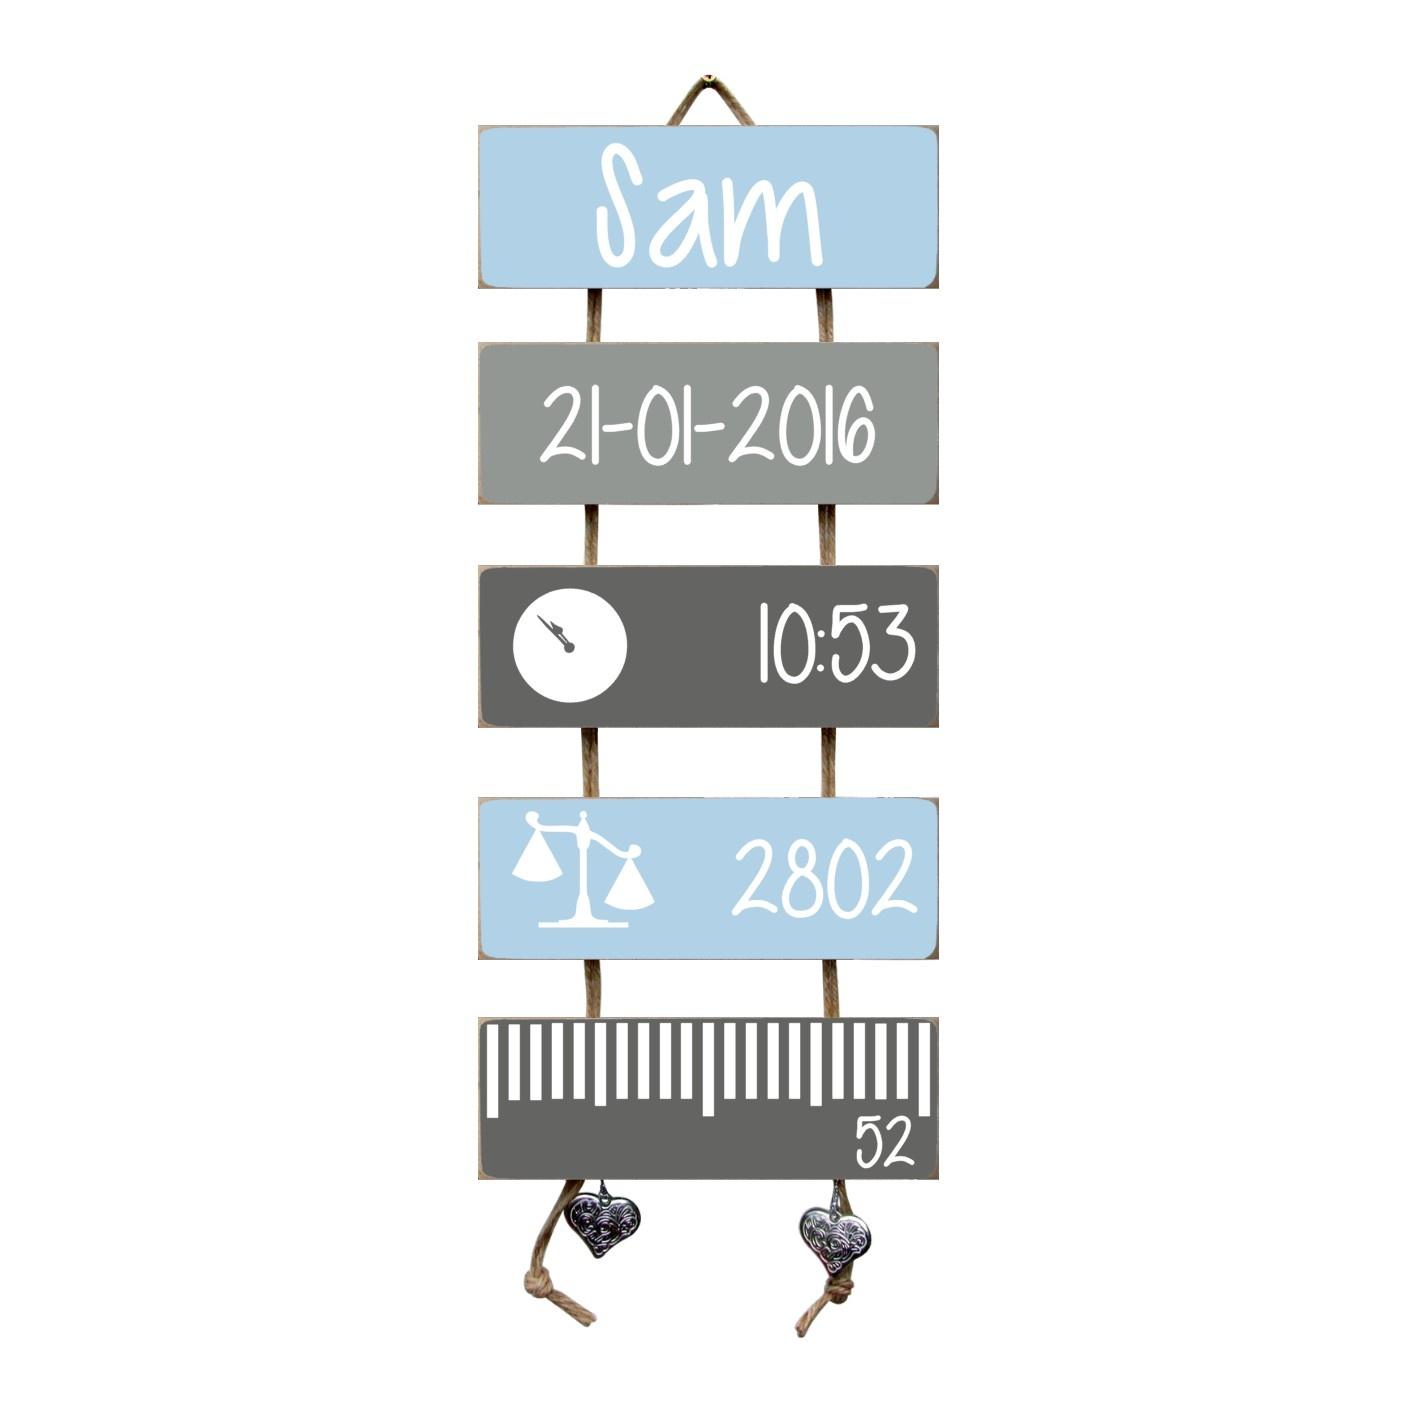 Kraamcadeau Geboorteladder Sam lichtblauw/grijs